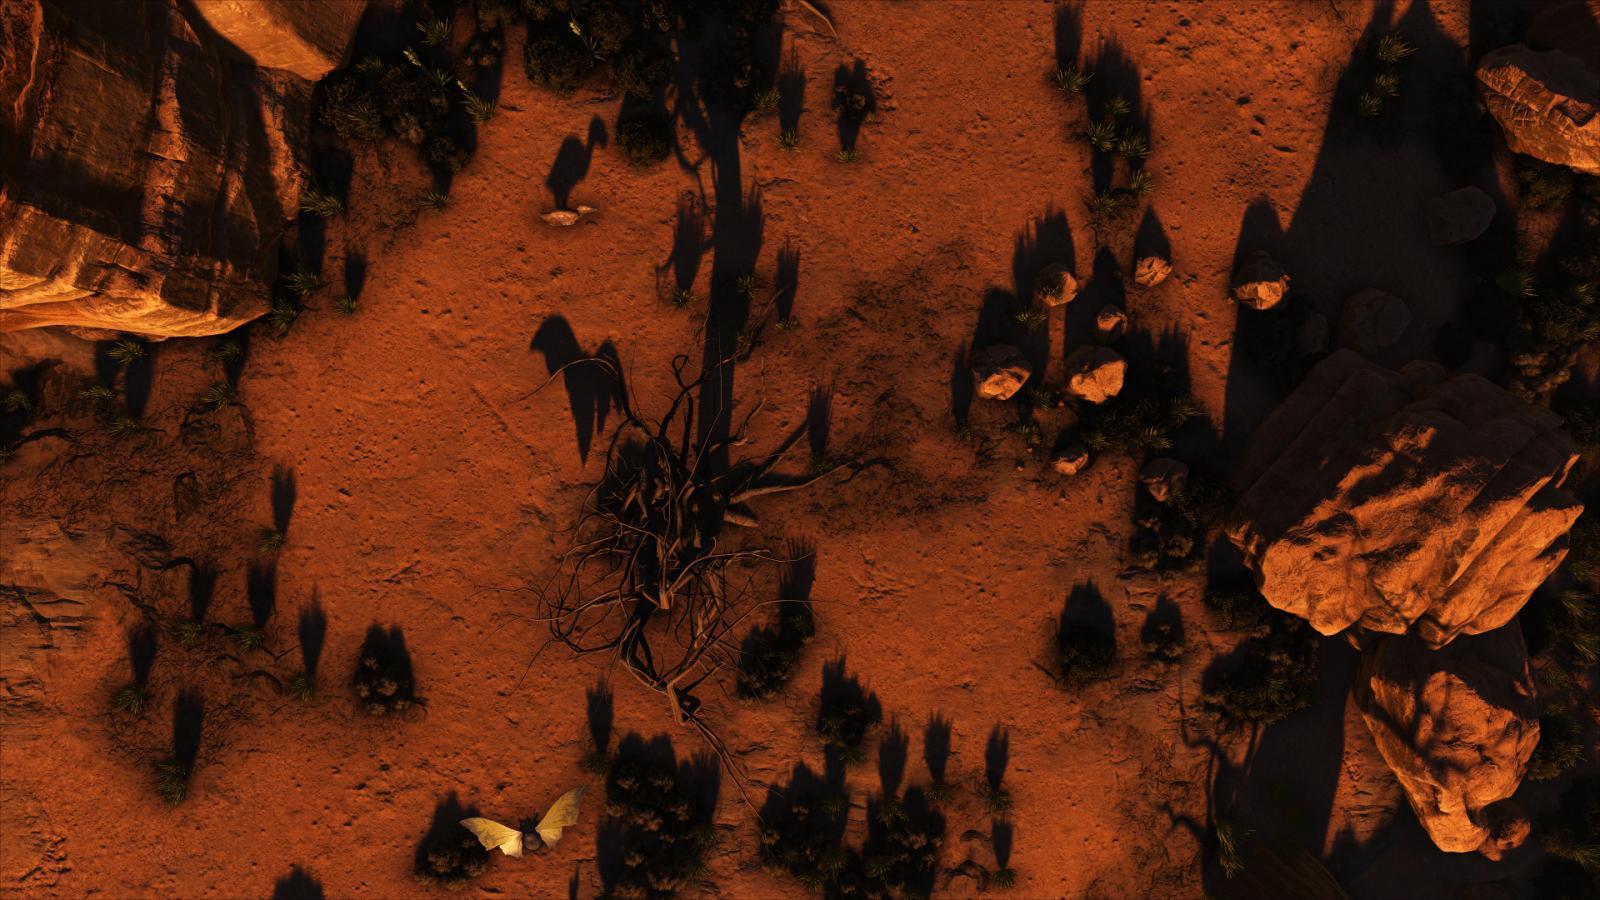 large.5984880908190_FataL1ty-ShadowWorld-8x.jpg